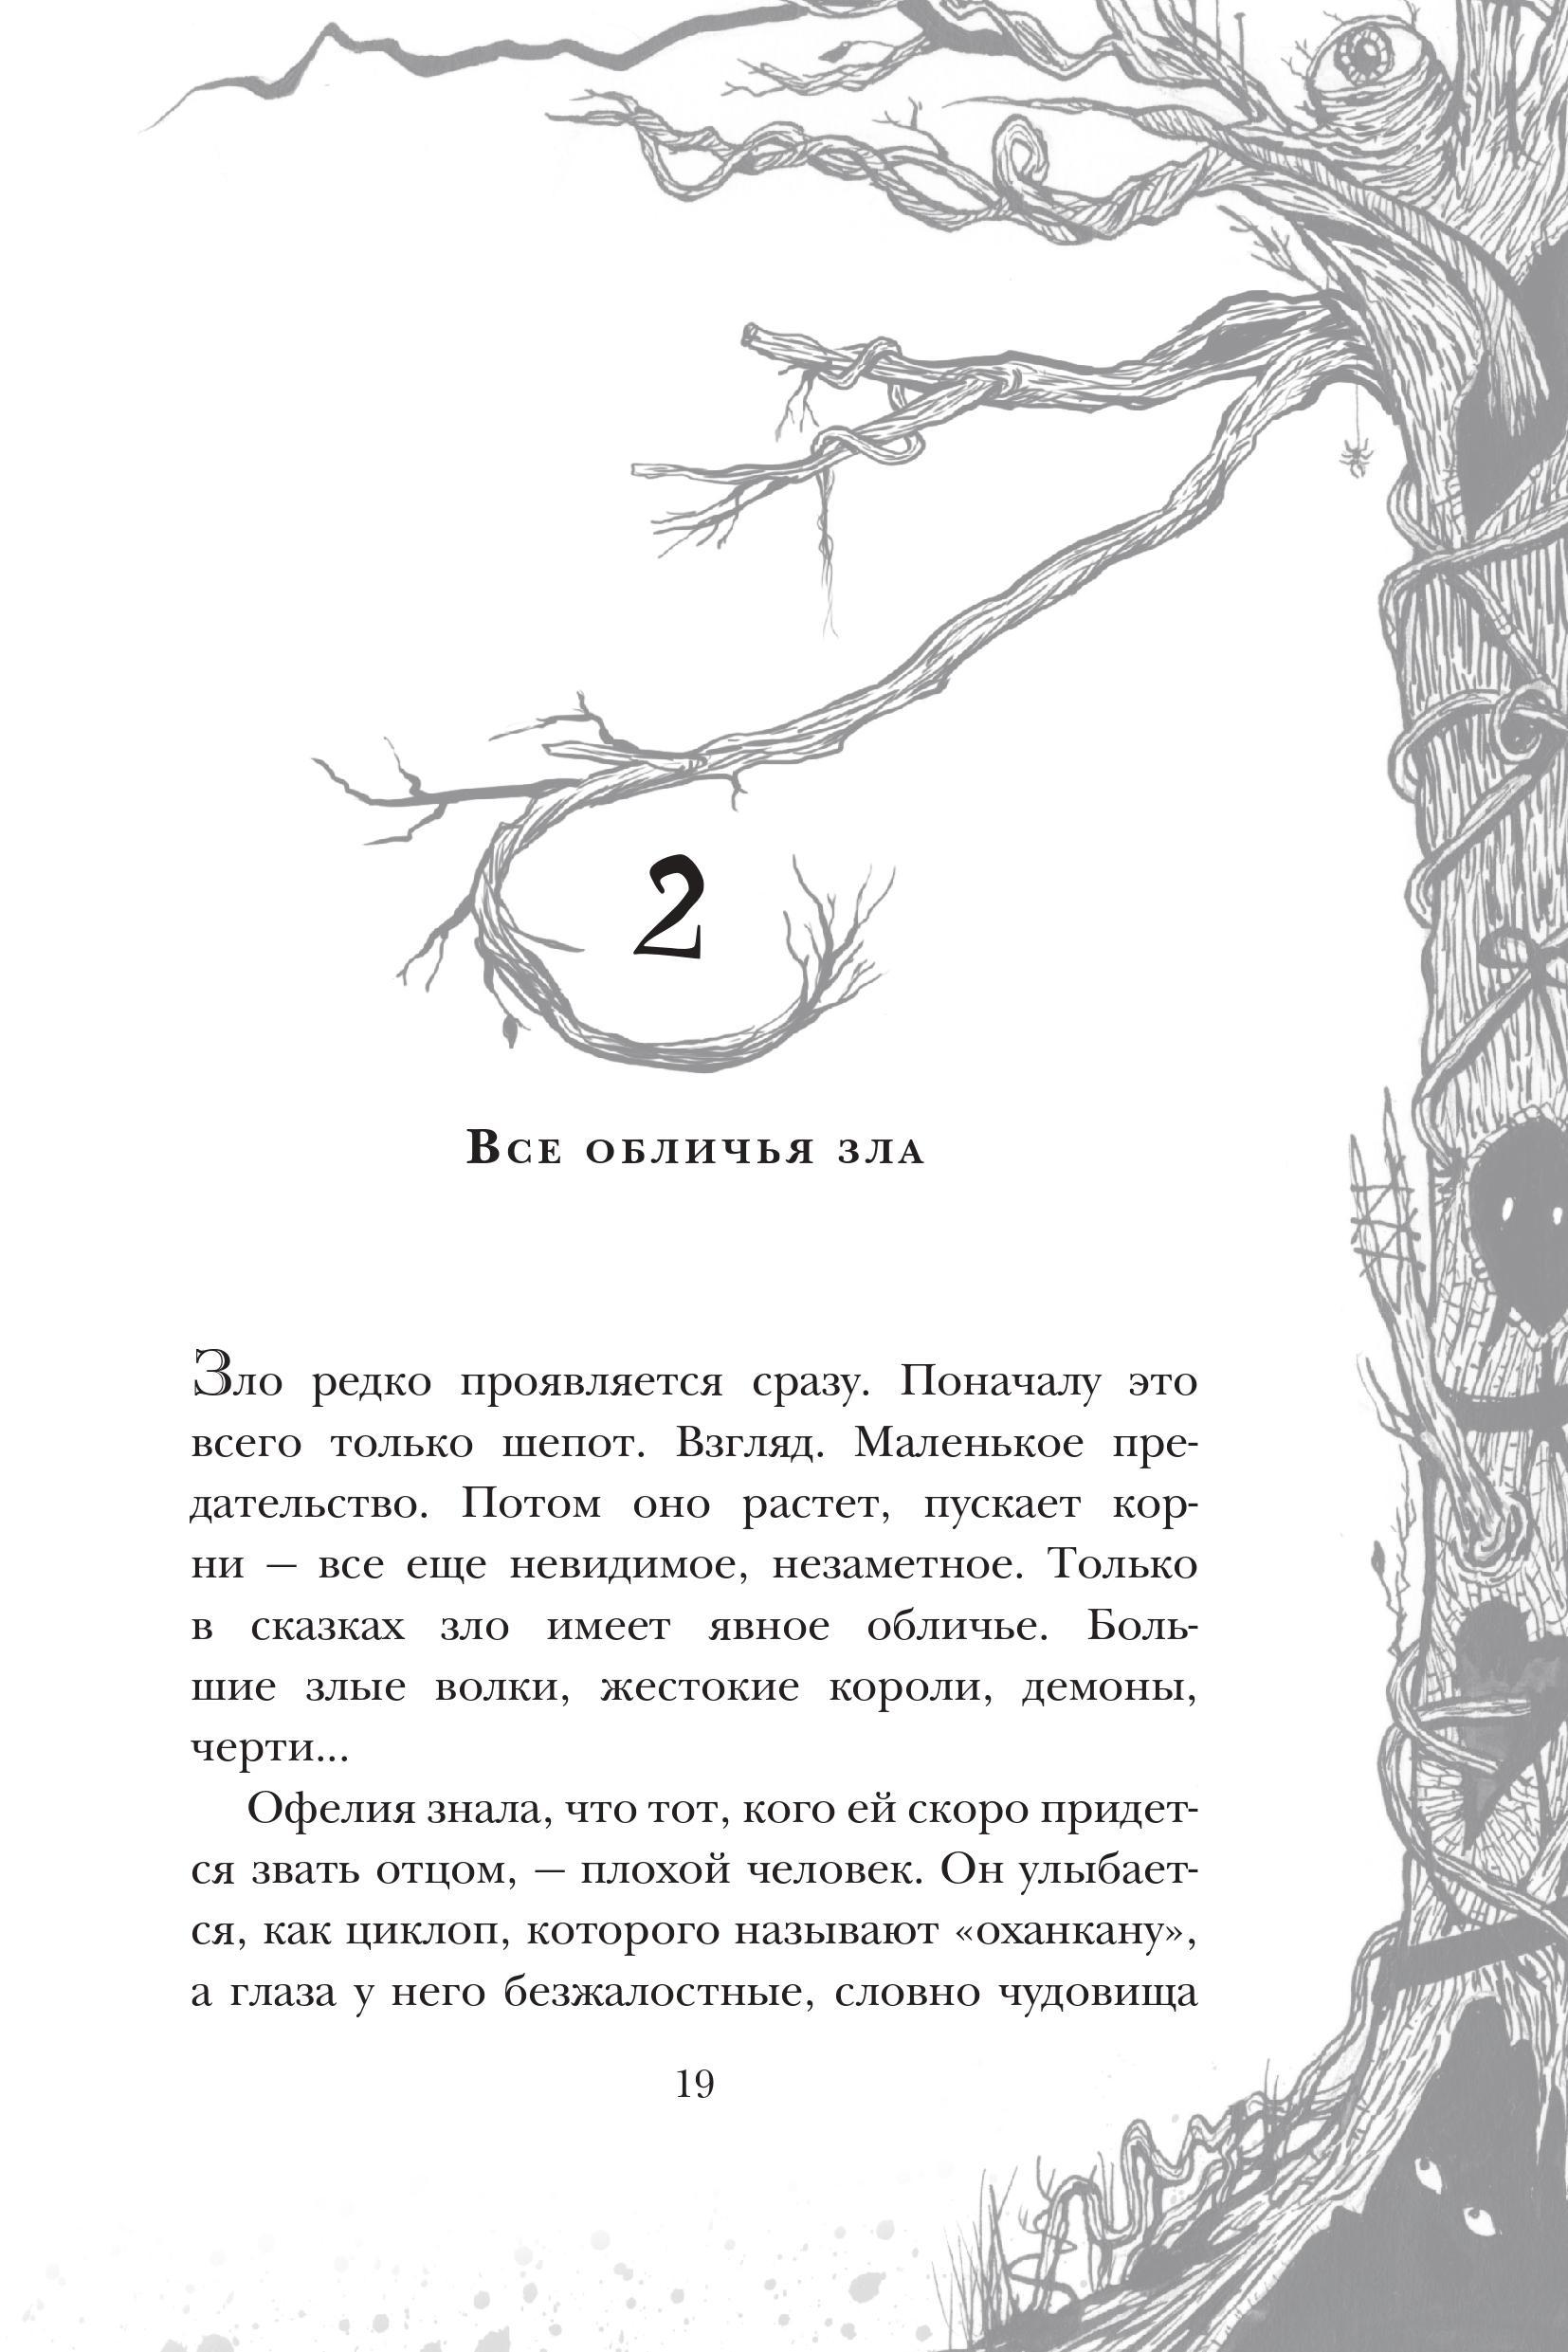 Мрачная сказка: отрывок из книги Гильермо Дель Торо и Корнелии Функе «Лабиринт Фавна» 11